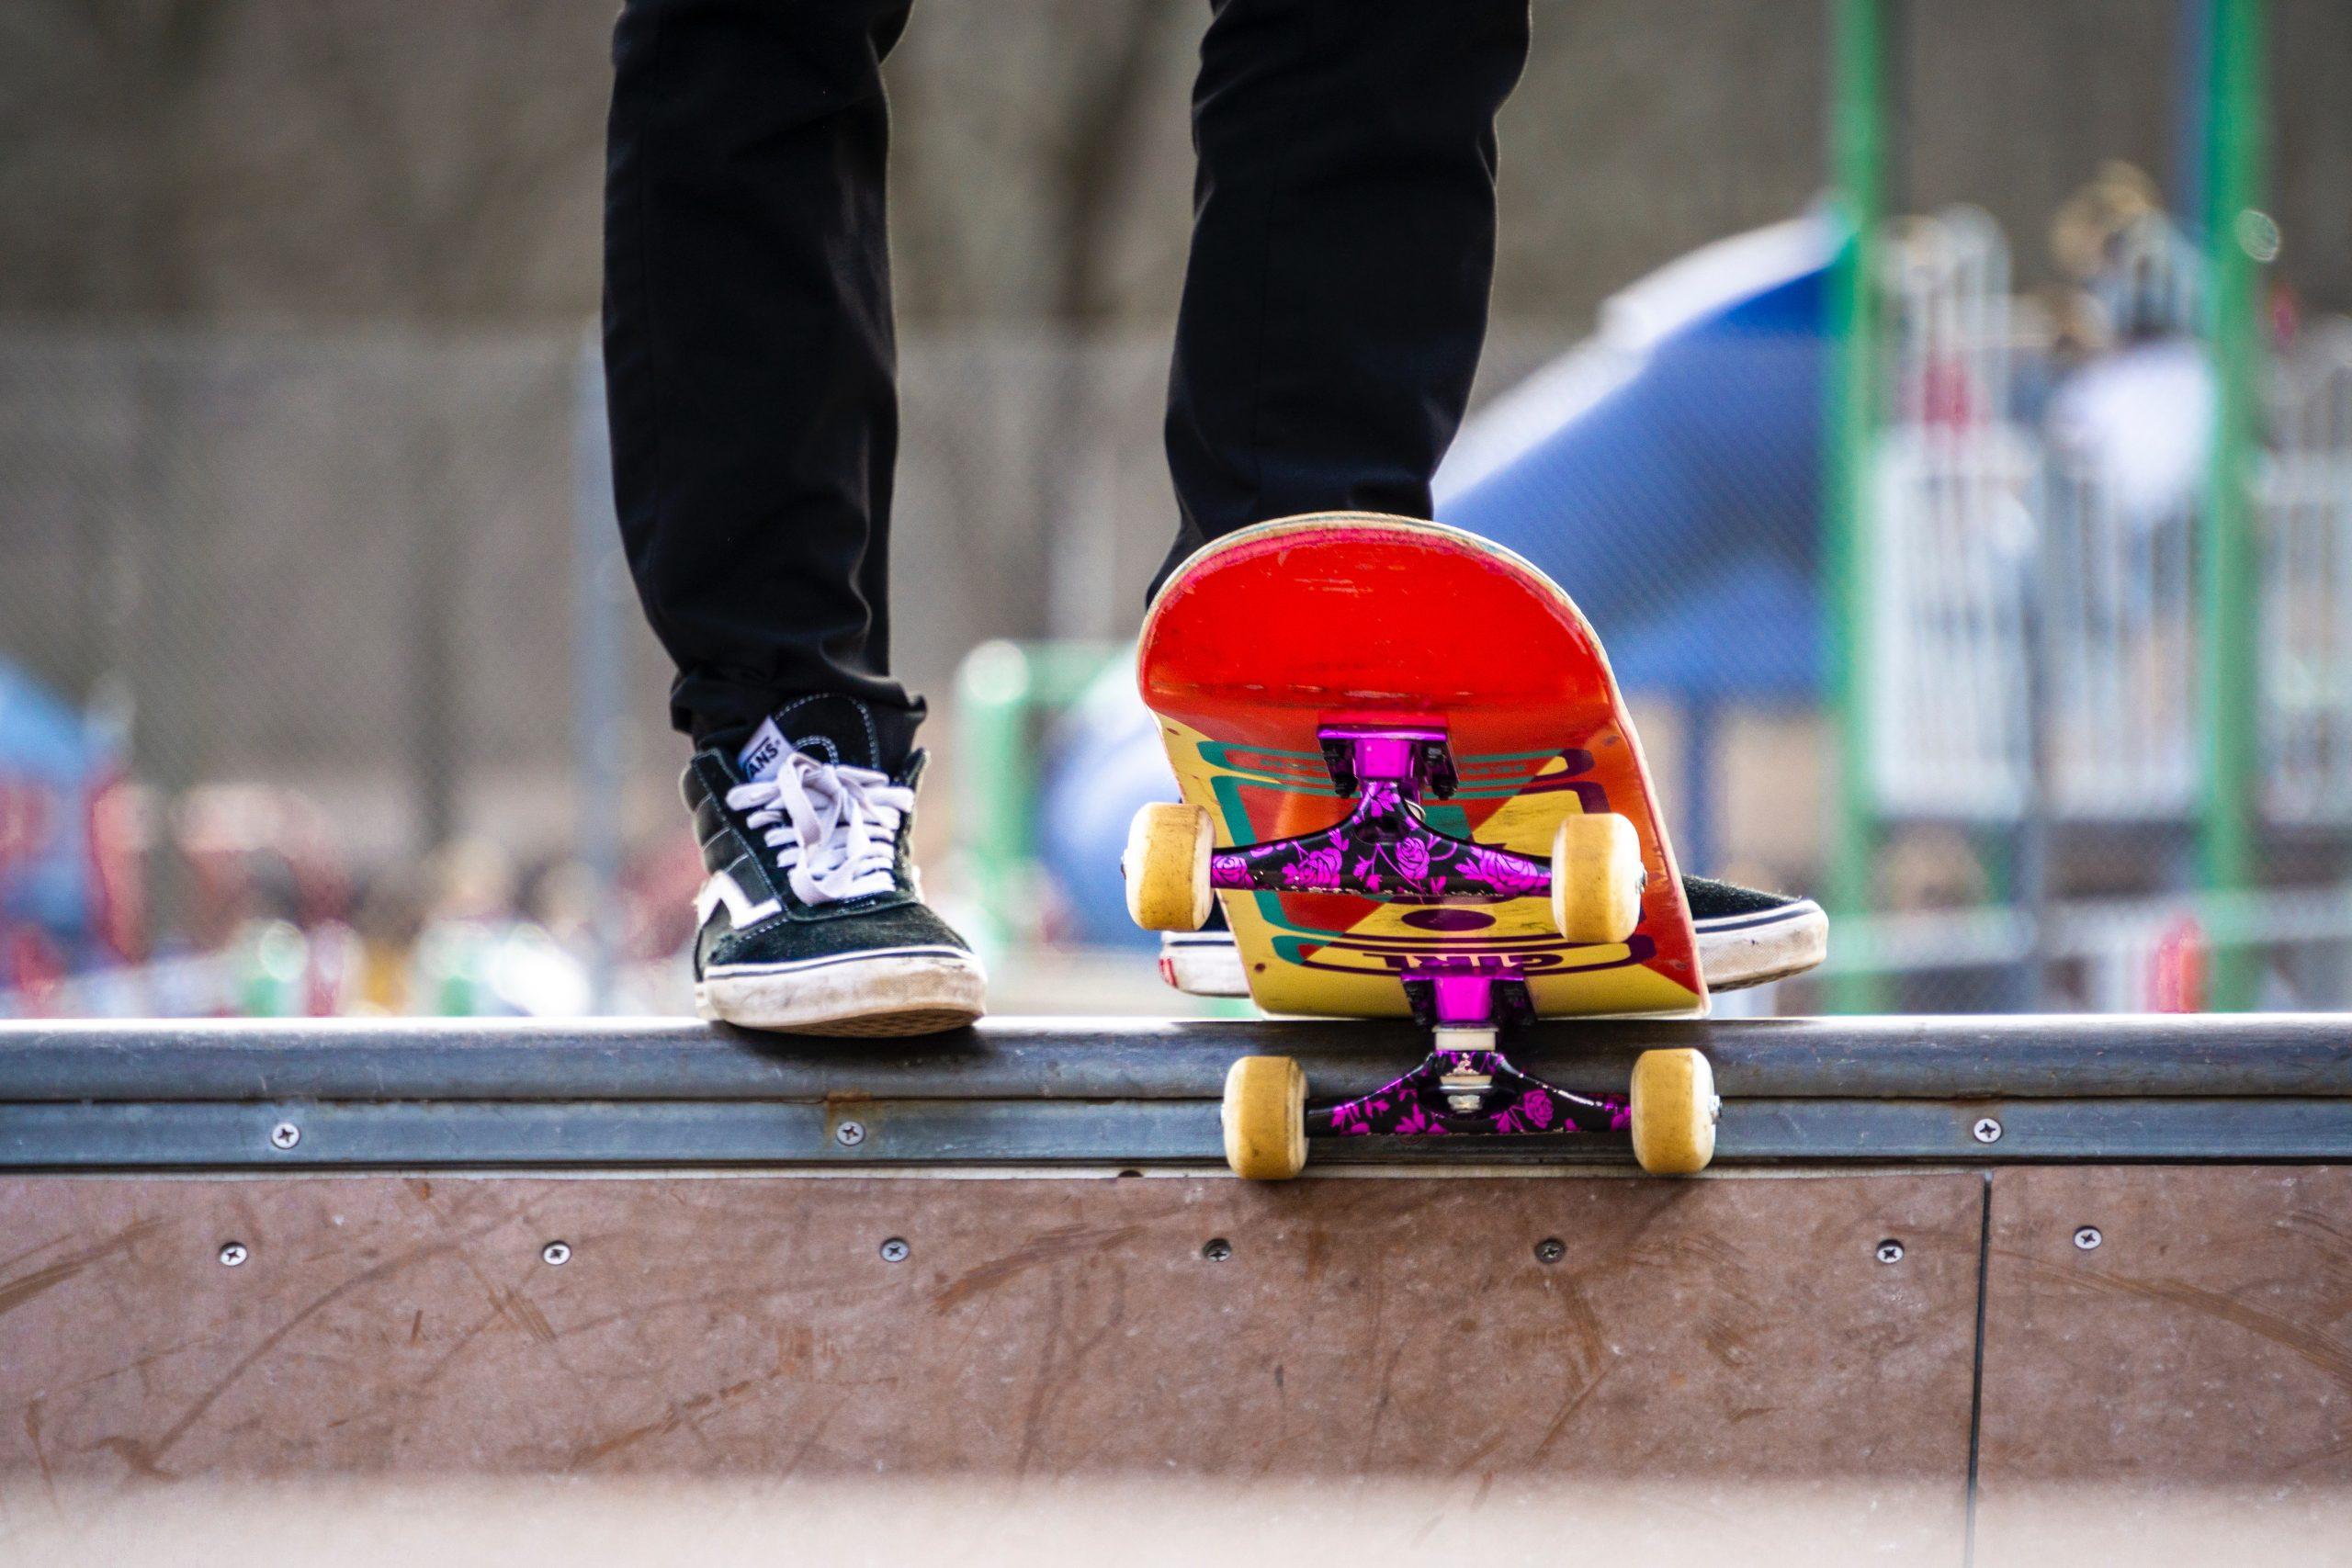 Skate para iniciante: qual modelo comprar